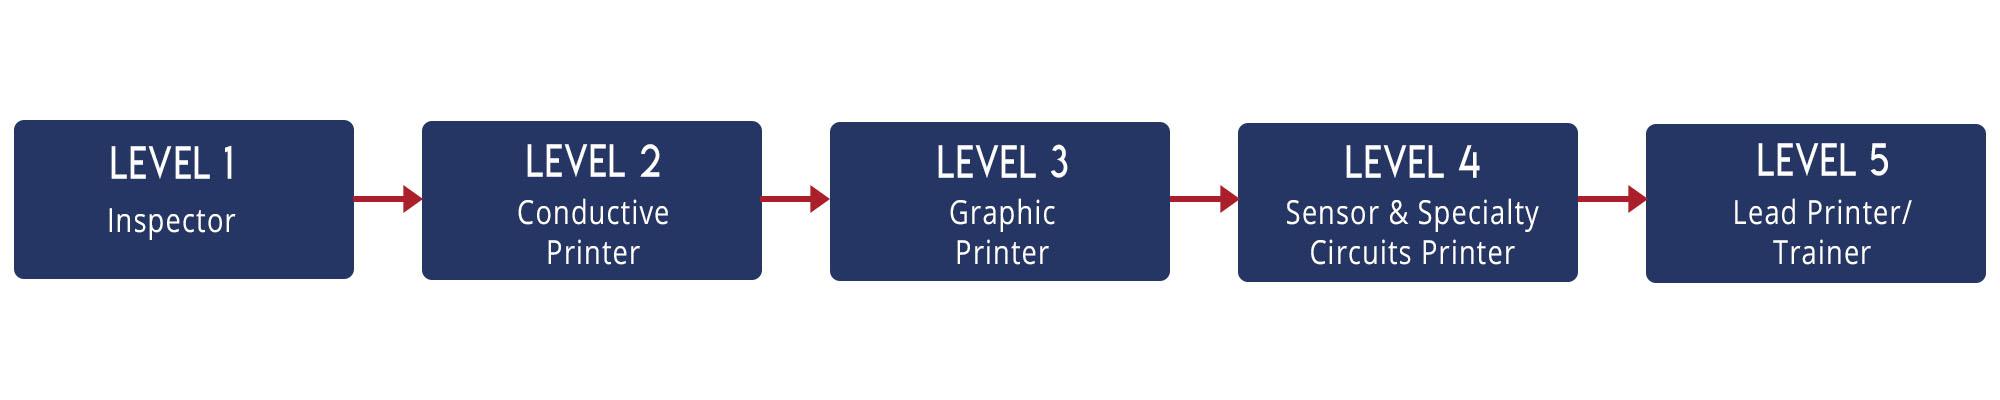 XSSP Levels